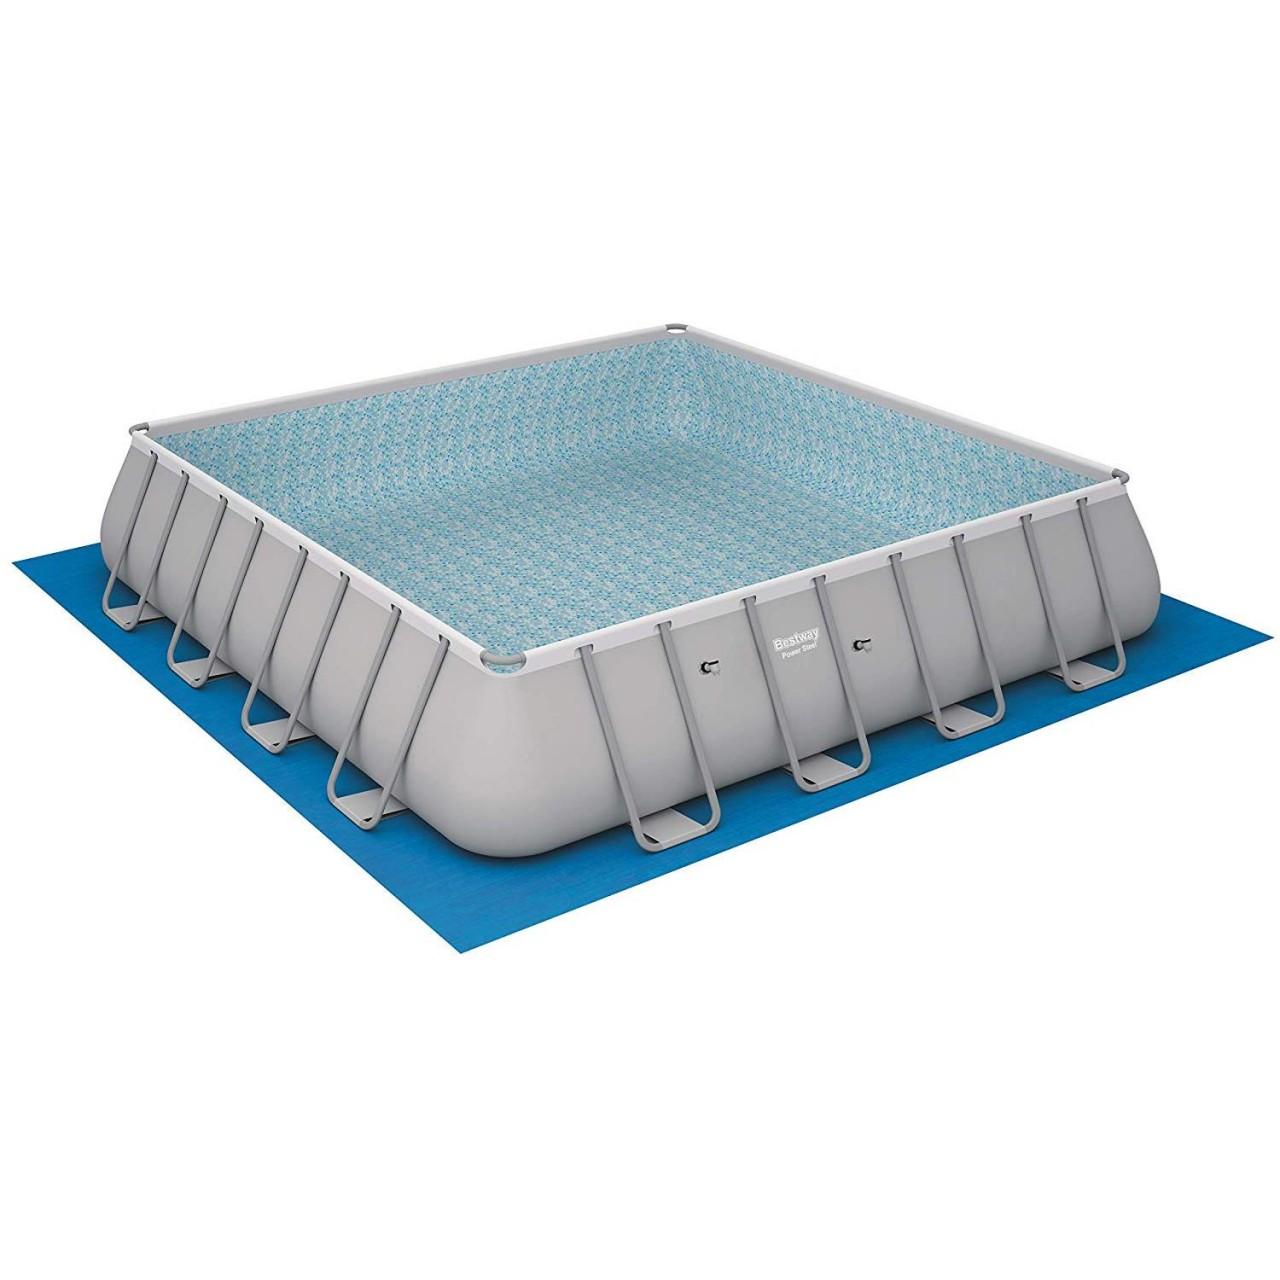 Bestway 56626 Frame Pool Power Steel 488x488x122 Pumpe Leiter Boden- Abdeckplane